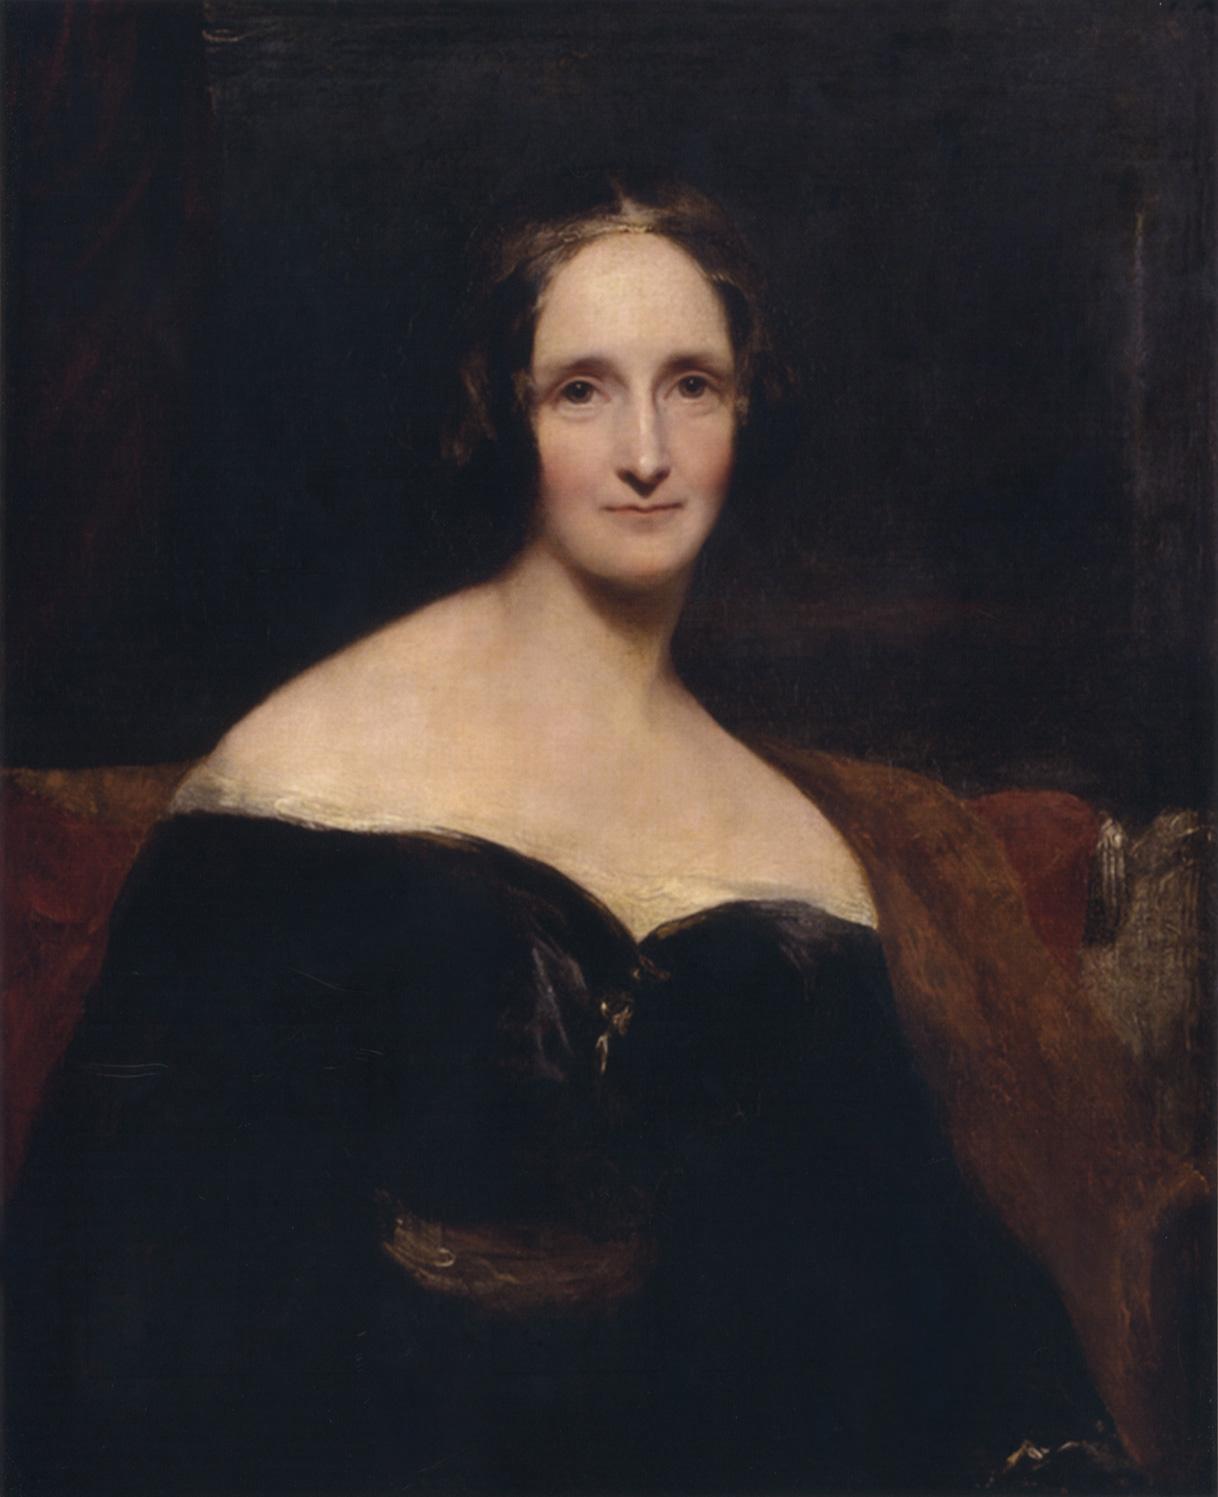 Mary Shelley, un ritratto della scrittrice di Frankenstein